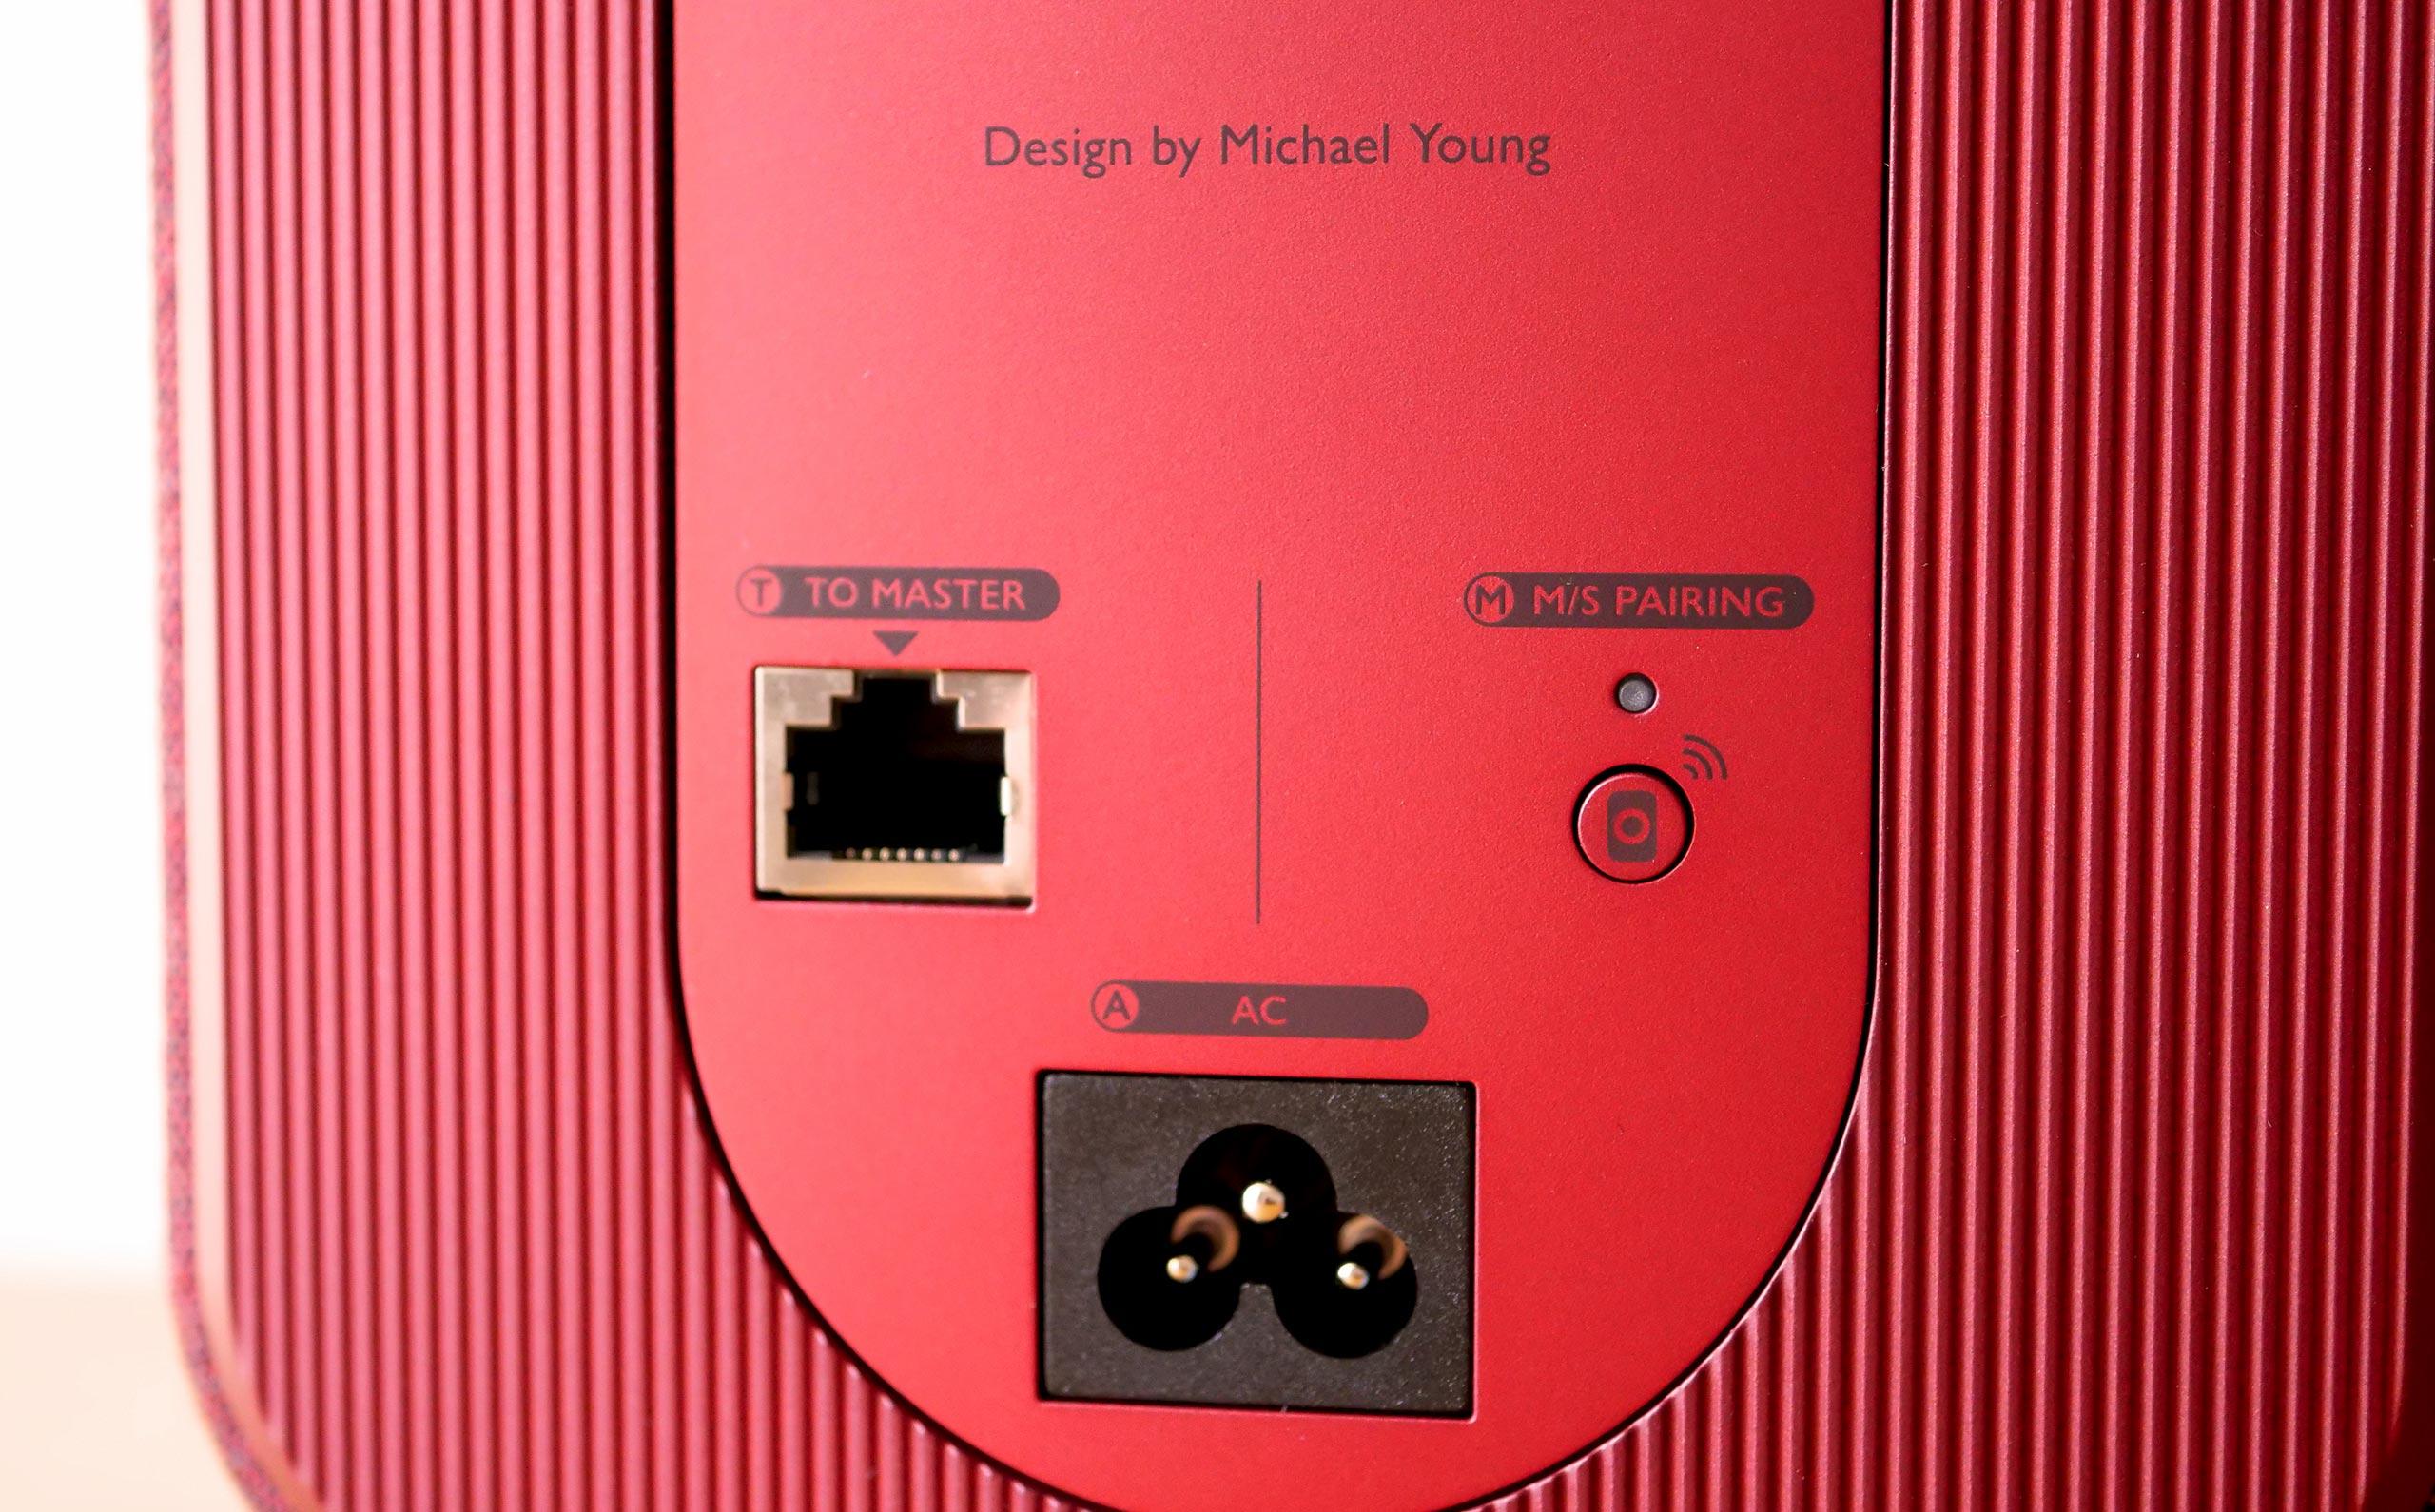 L'enceinte Slave possède un seul connecteur RJ45 destiné à recevoir le son depuis l'enceinte Master. Liaison filaire obligatoire seulement pour les écoutes musicales haute définition en 24 bits / 96-192 kHz.L'enceinte Slave possède un seul connecteur RJ45 destiné à recevoir le son depuis l'enceinte Master. Liaison filaire obligatoire seulement pour les écoutes musicales haute définition en 24 bits / 96-192 kHz.